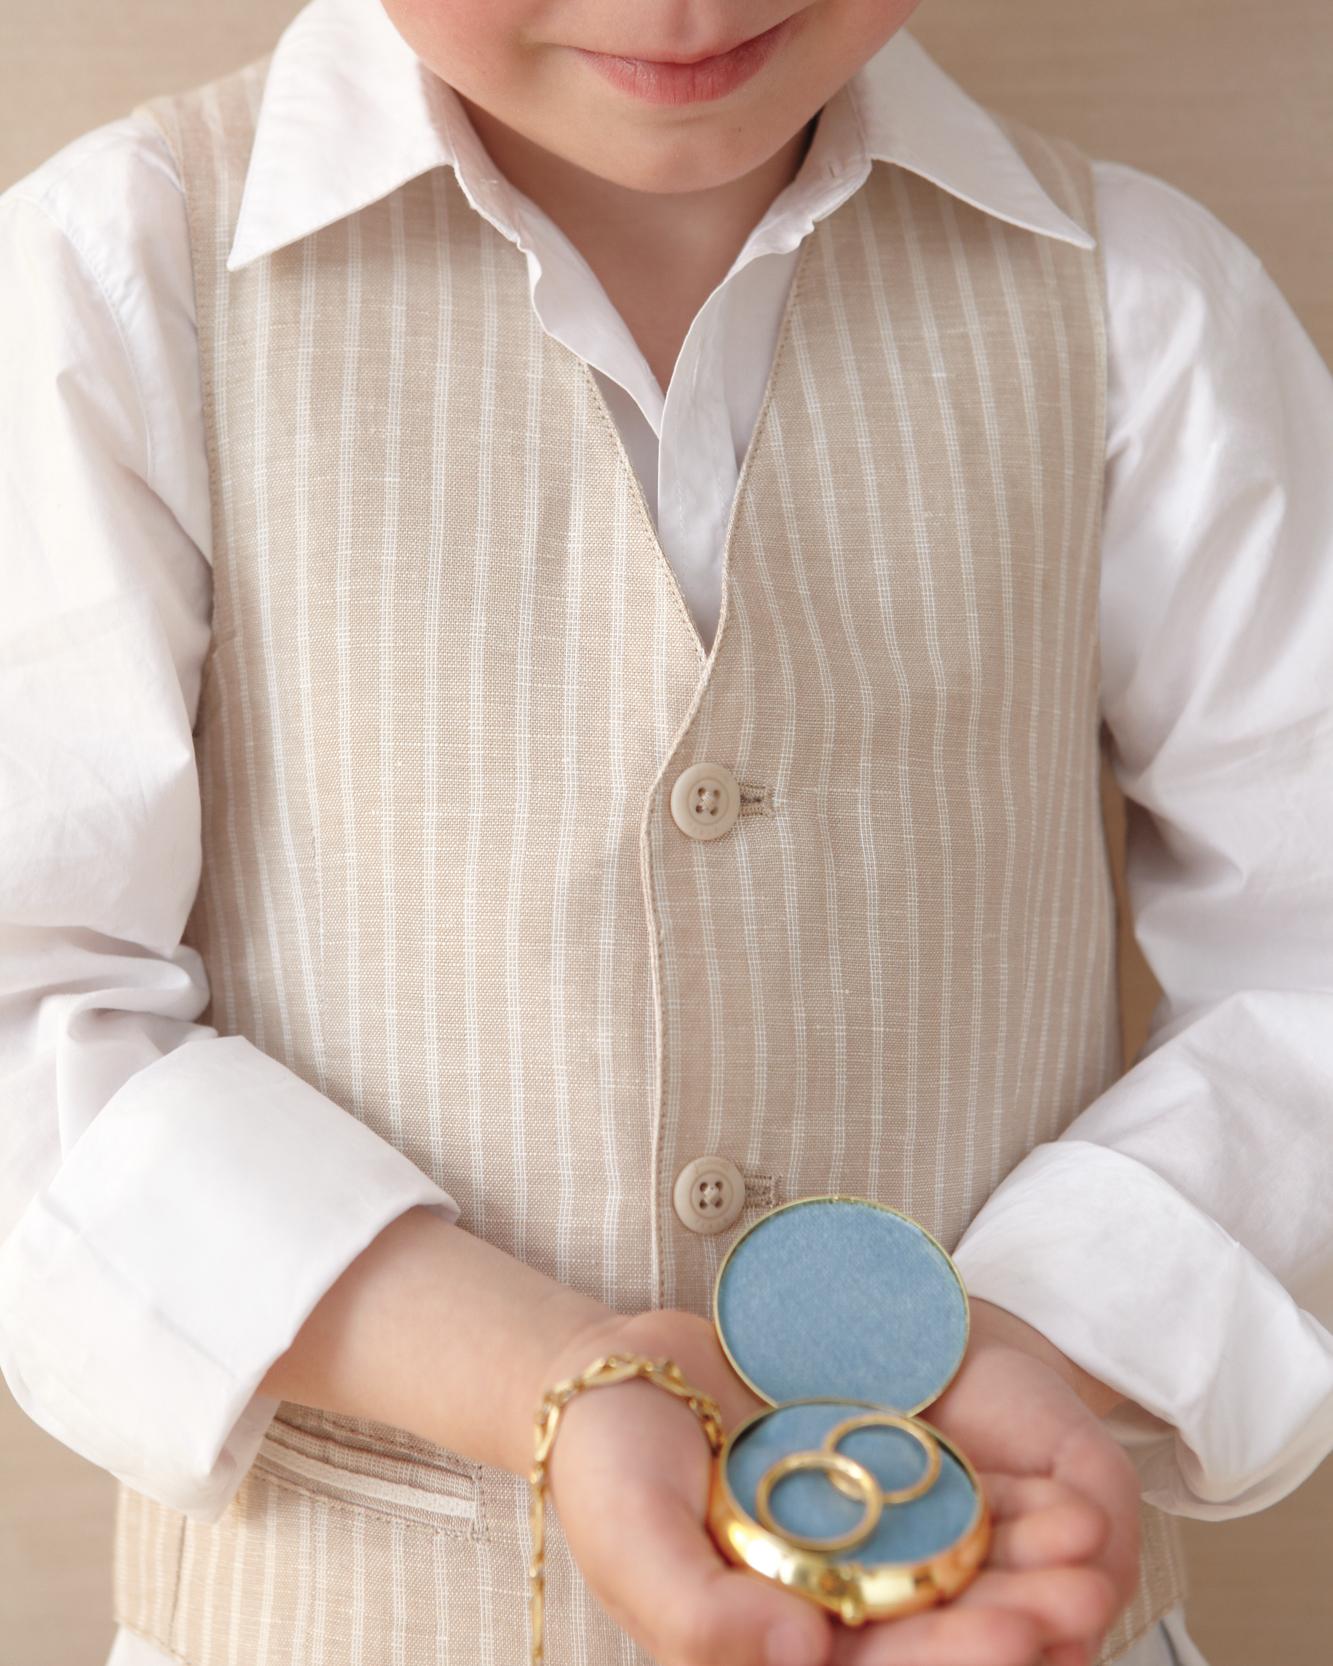 pocket-watch-ring-bearer-mwd108708.jpg